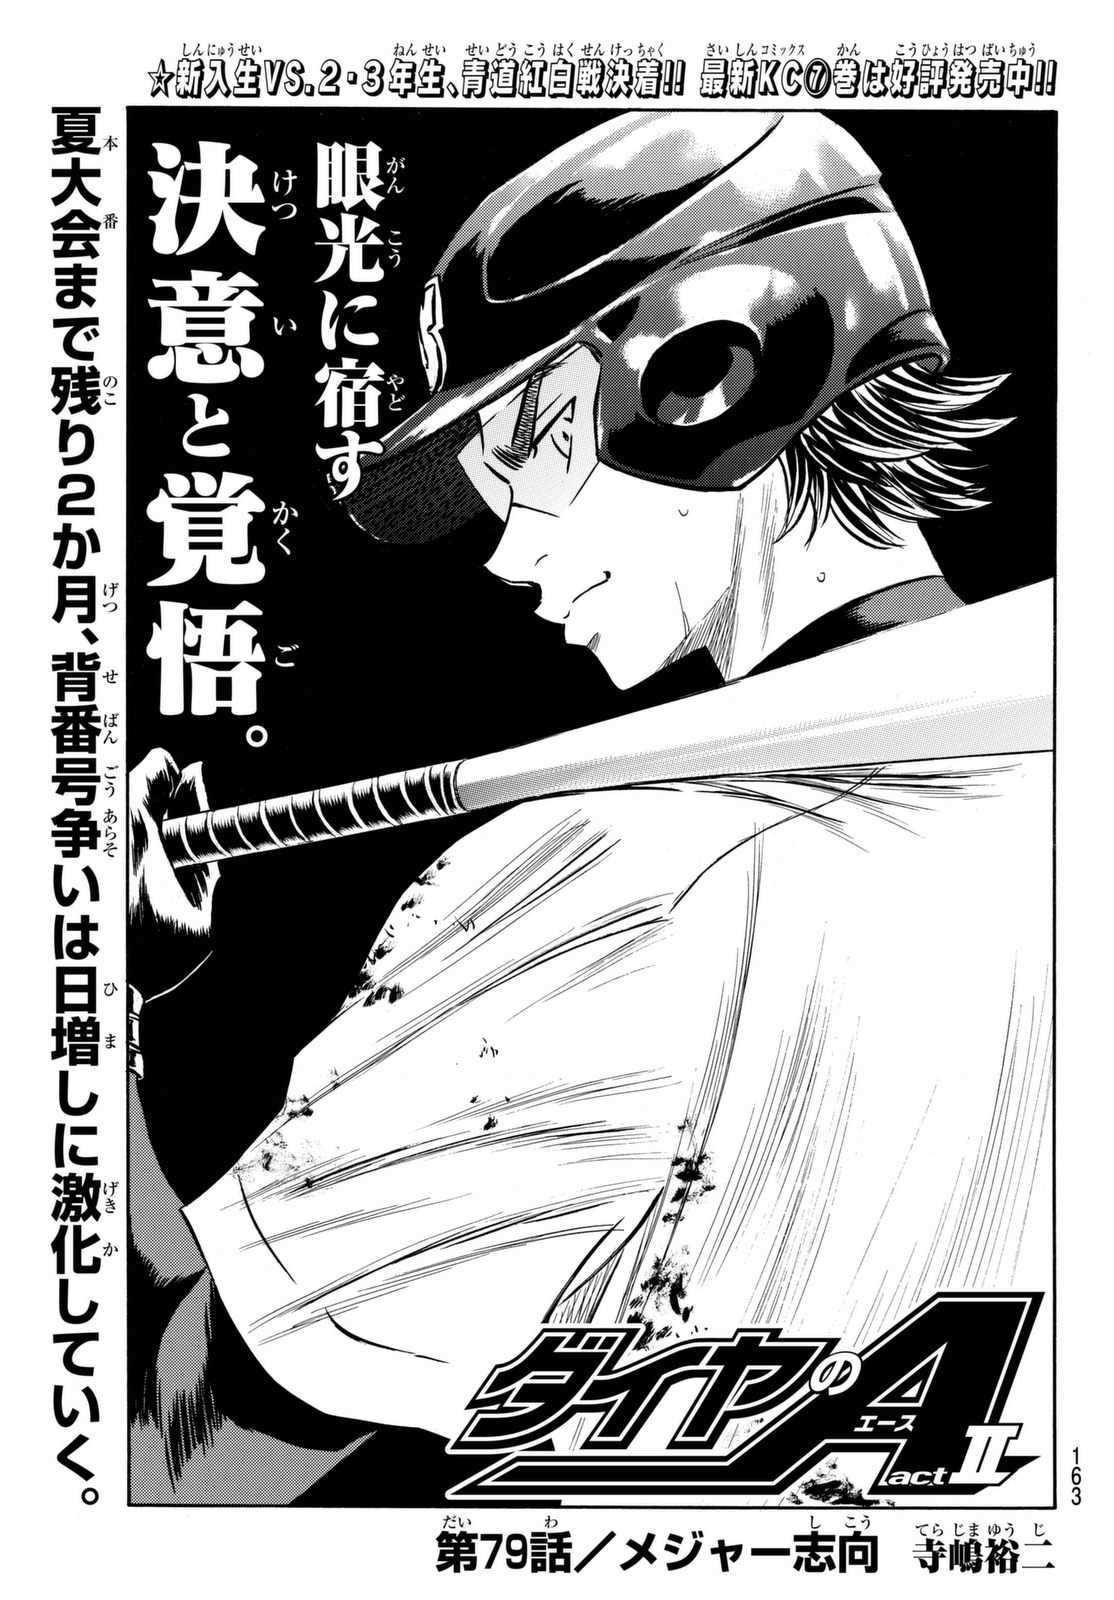 Daiya no A Act II - Chapter 079 - Page 1